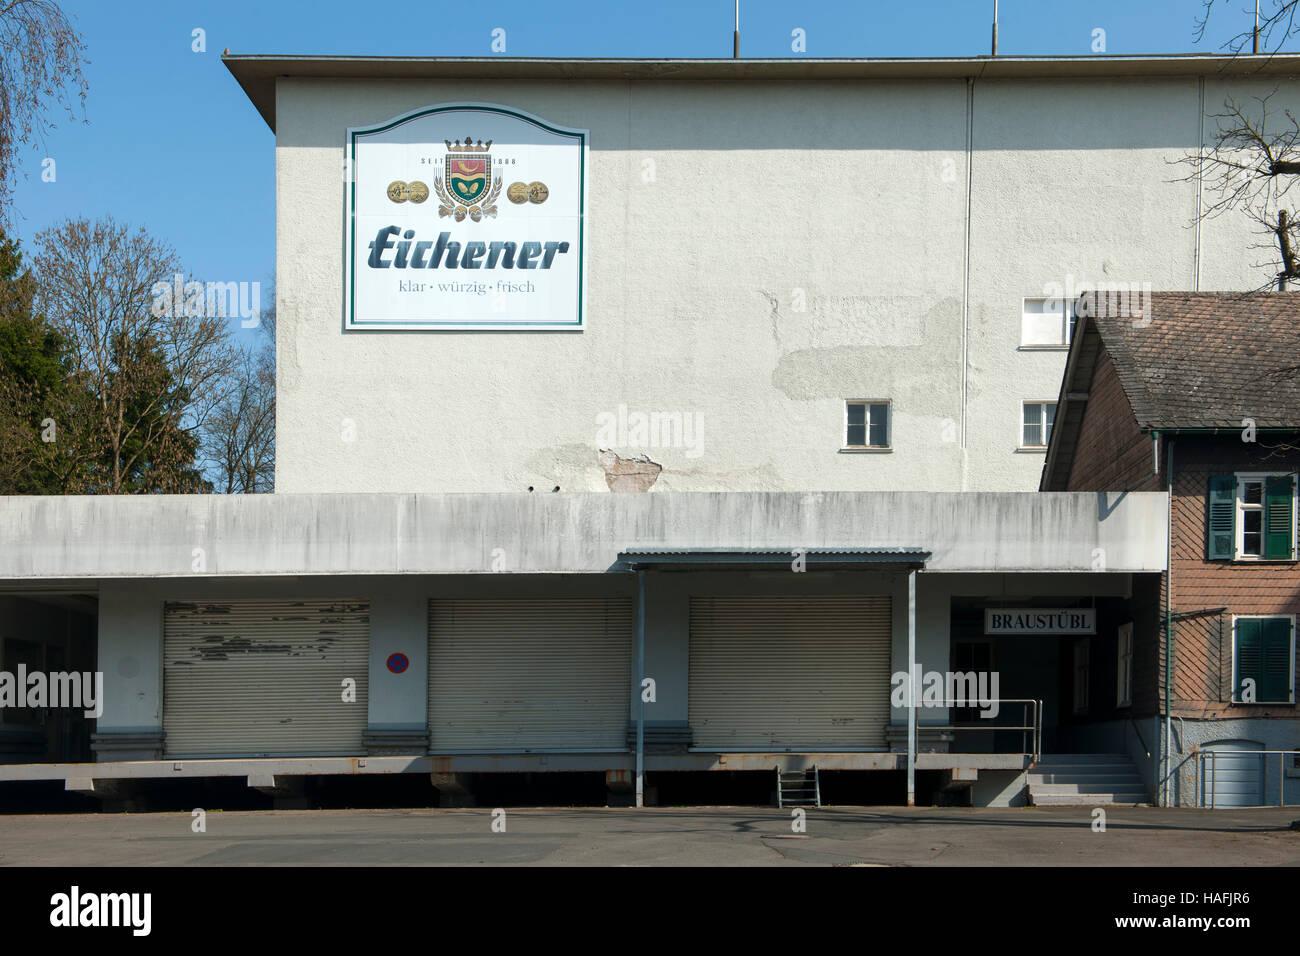 Deutschland, Nordrhein-Westfalen, Kreis Siegen-Wittgenstein, Kreuztal, Eichen, Brauerei Eichener Stock Photo